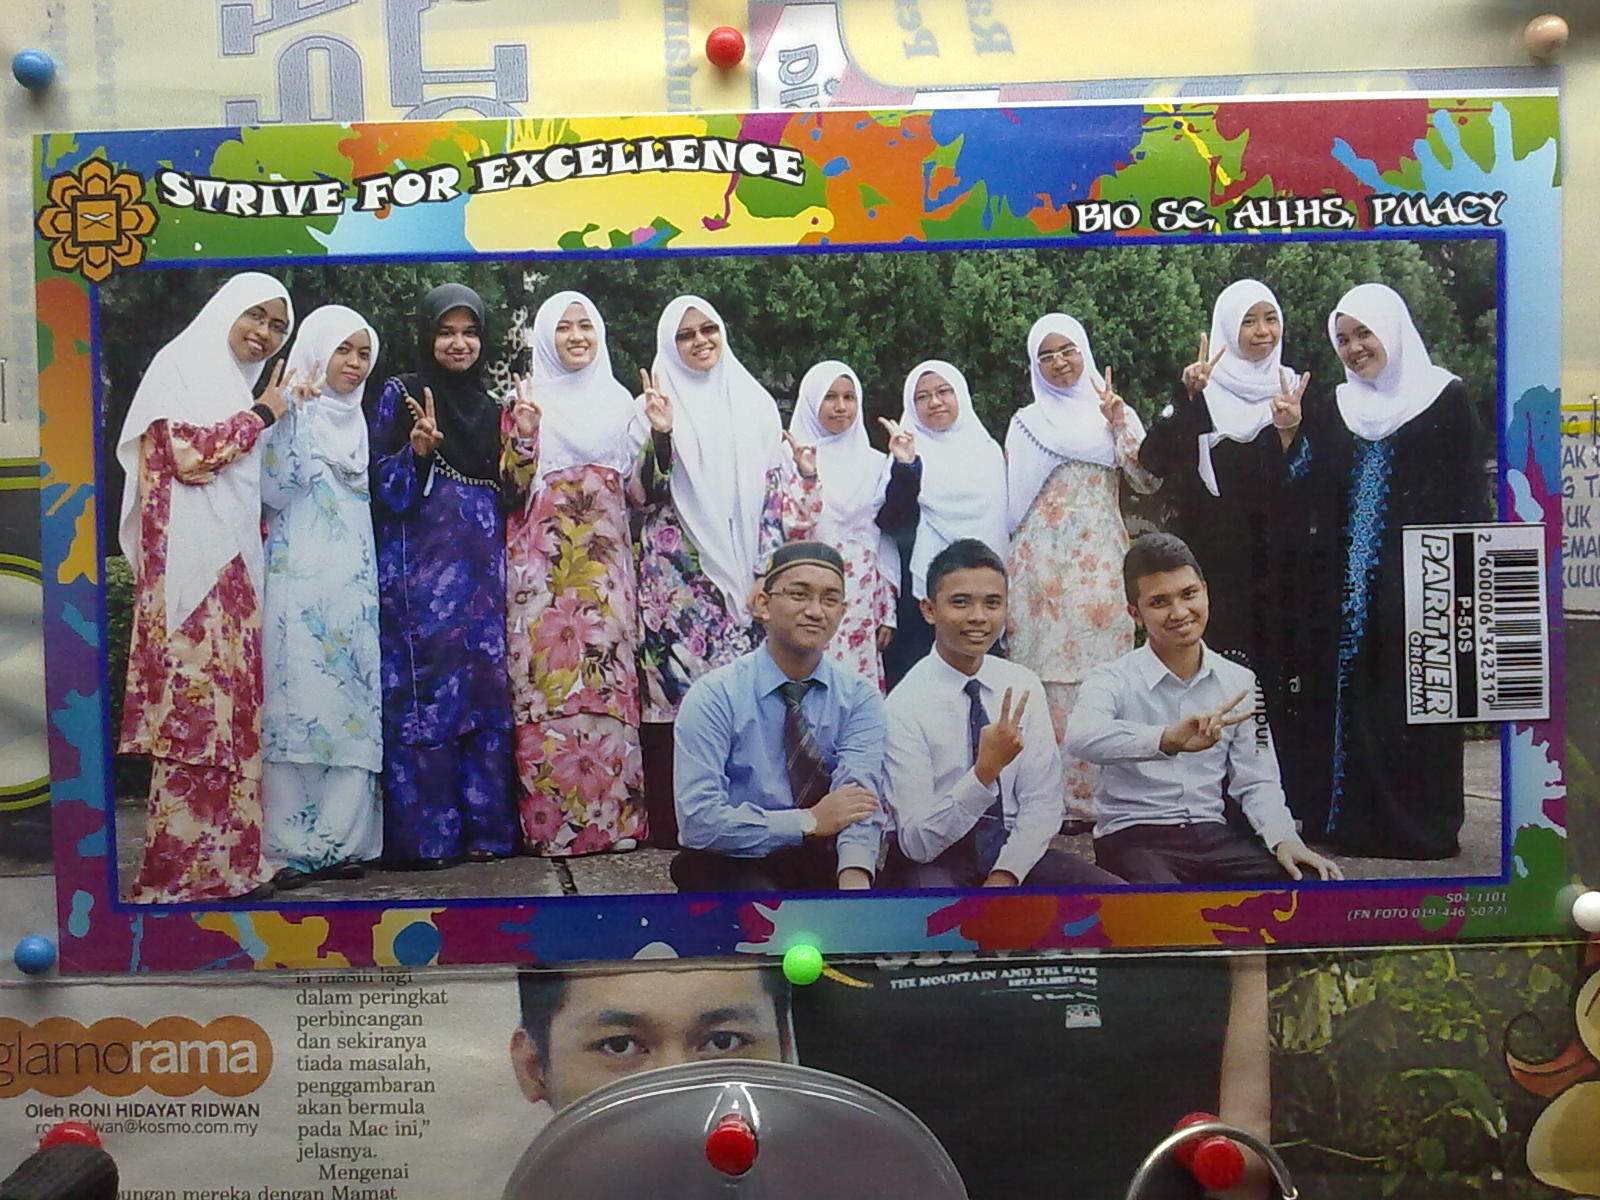 Haa, ni gambar classmate Bio sem ni (sem 3, 2011/12)